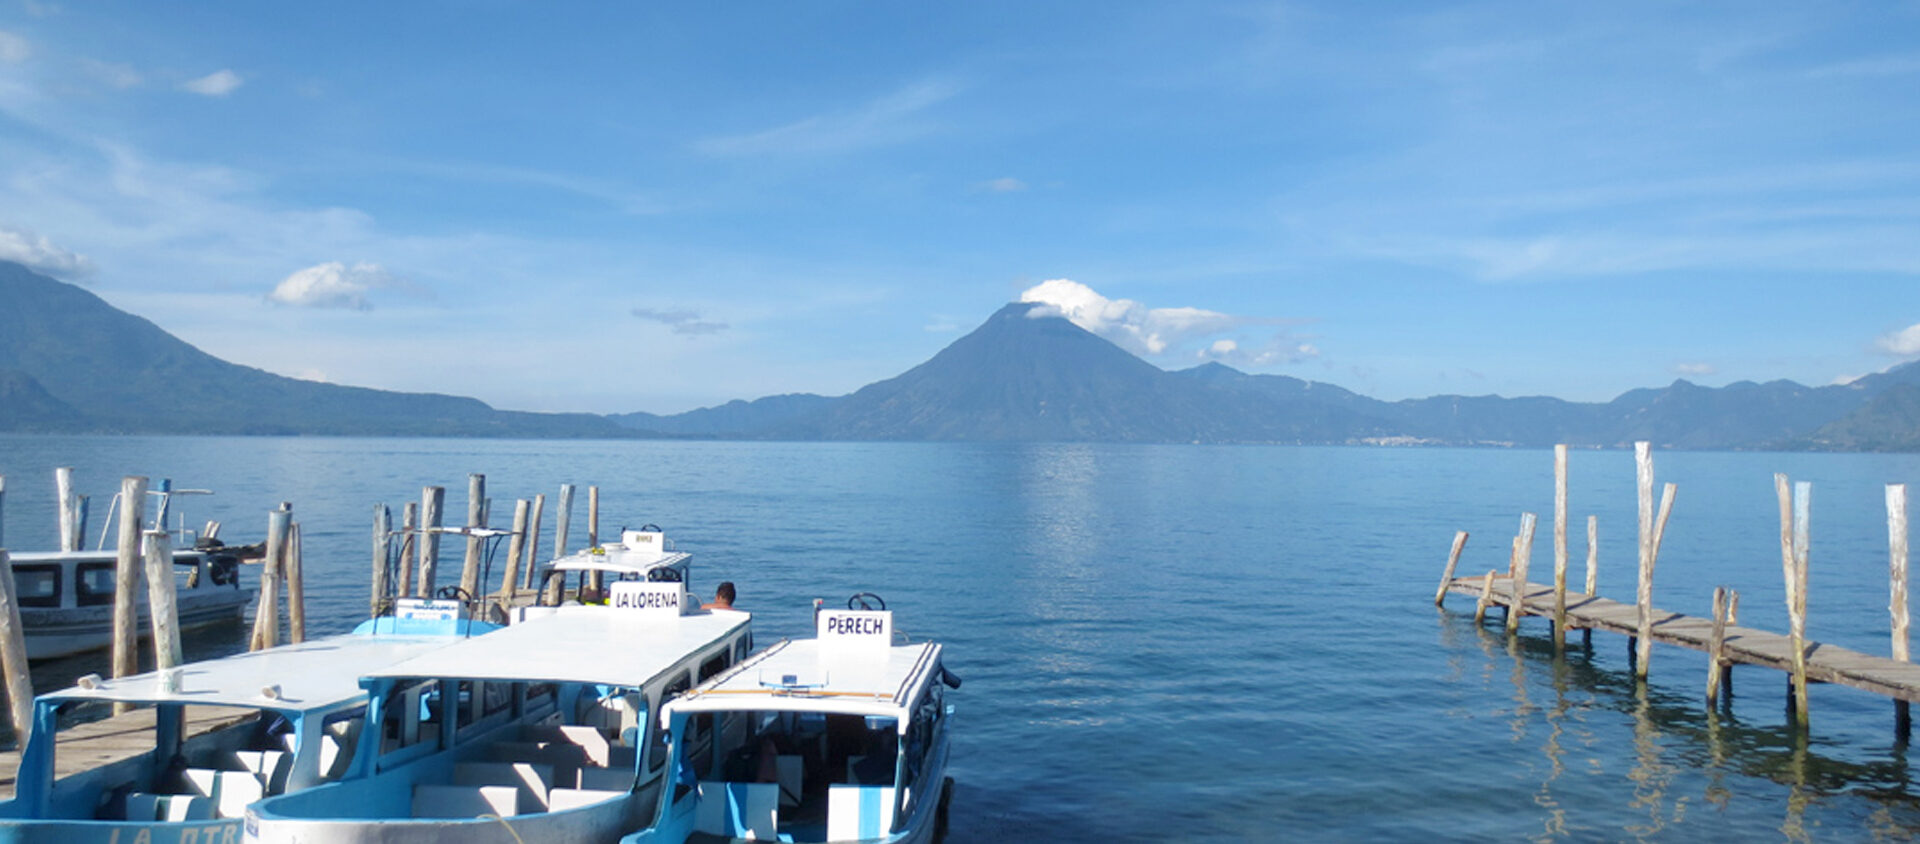 Vid den vackra sjön Atitlán ligger tre stora vulkaner